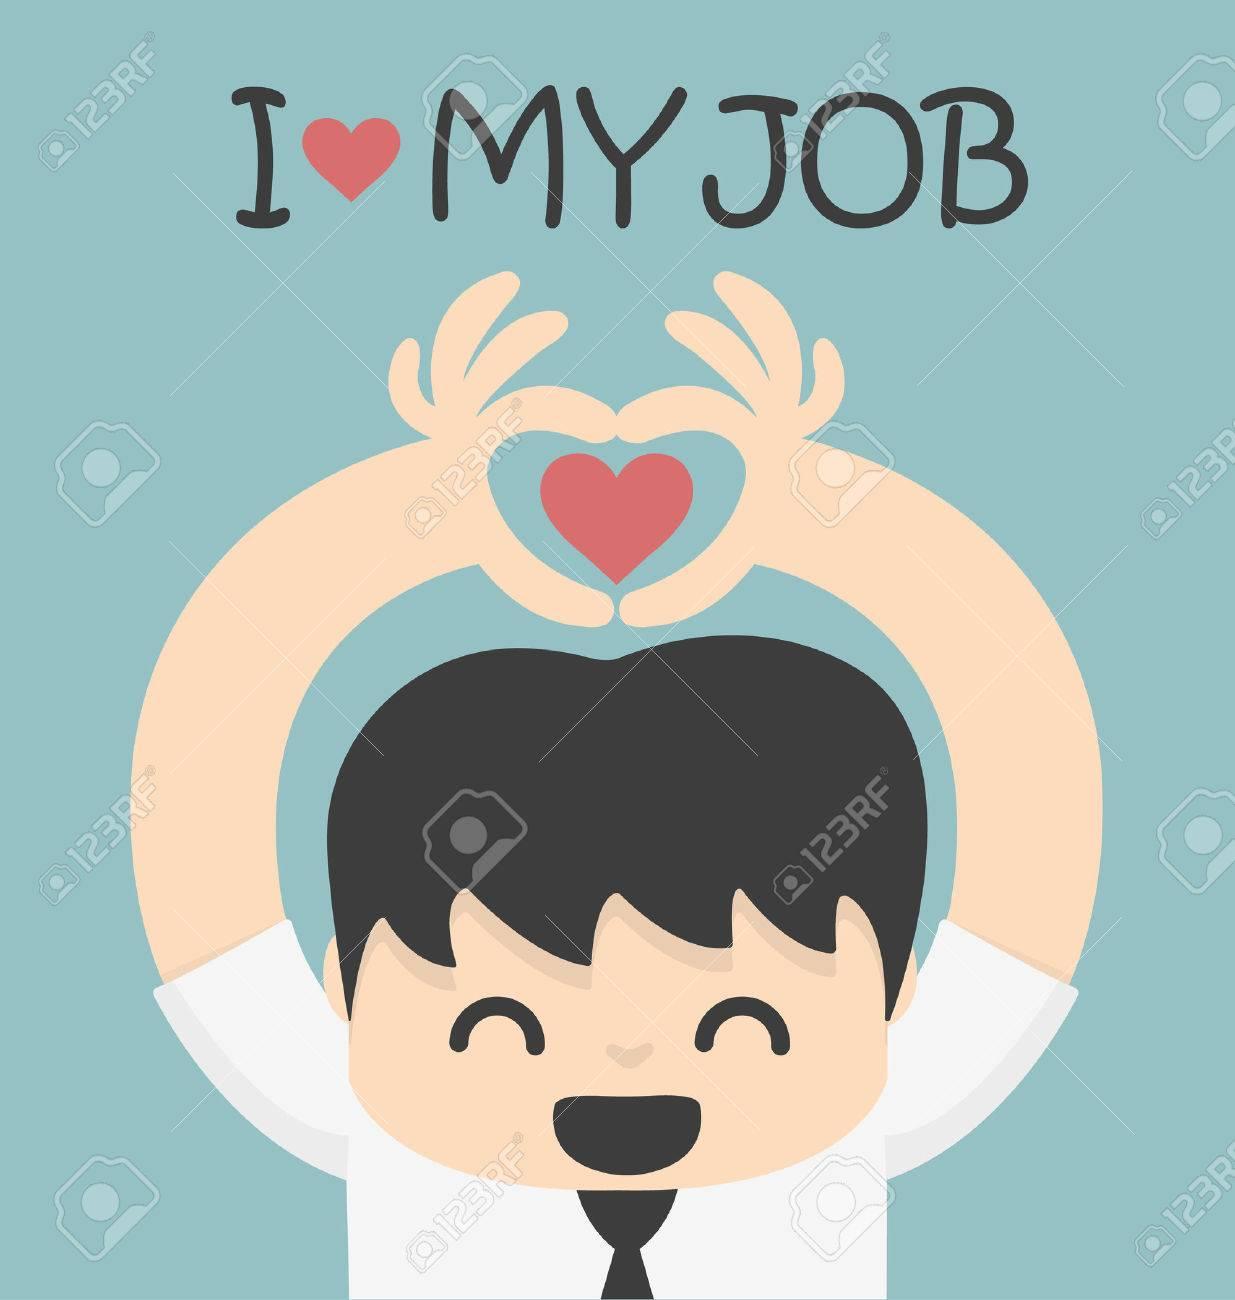 I love my job Banque d'images - 32057325